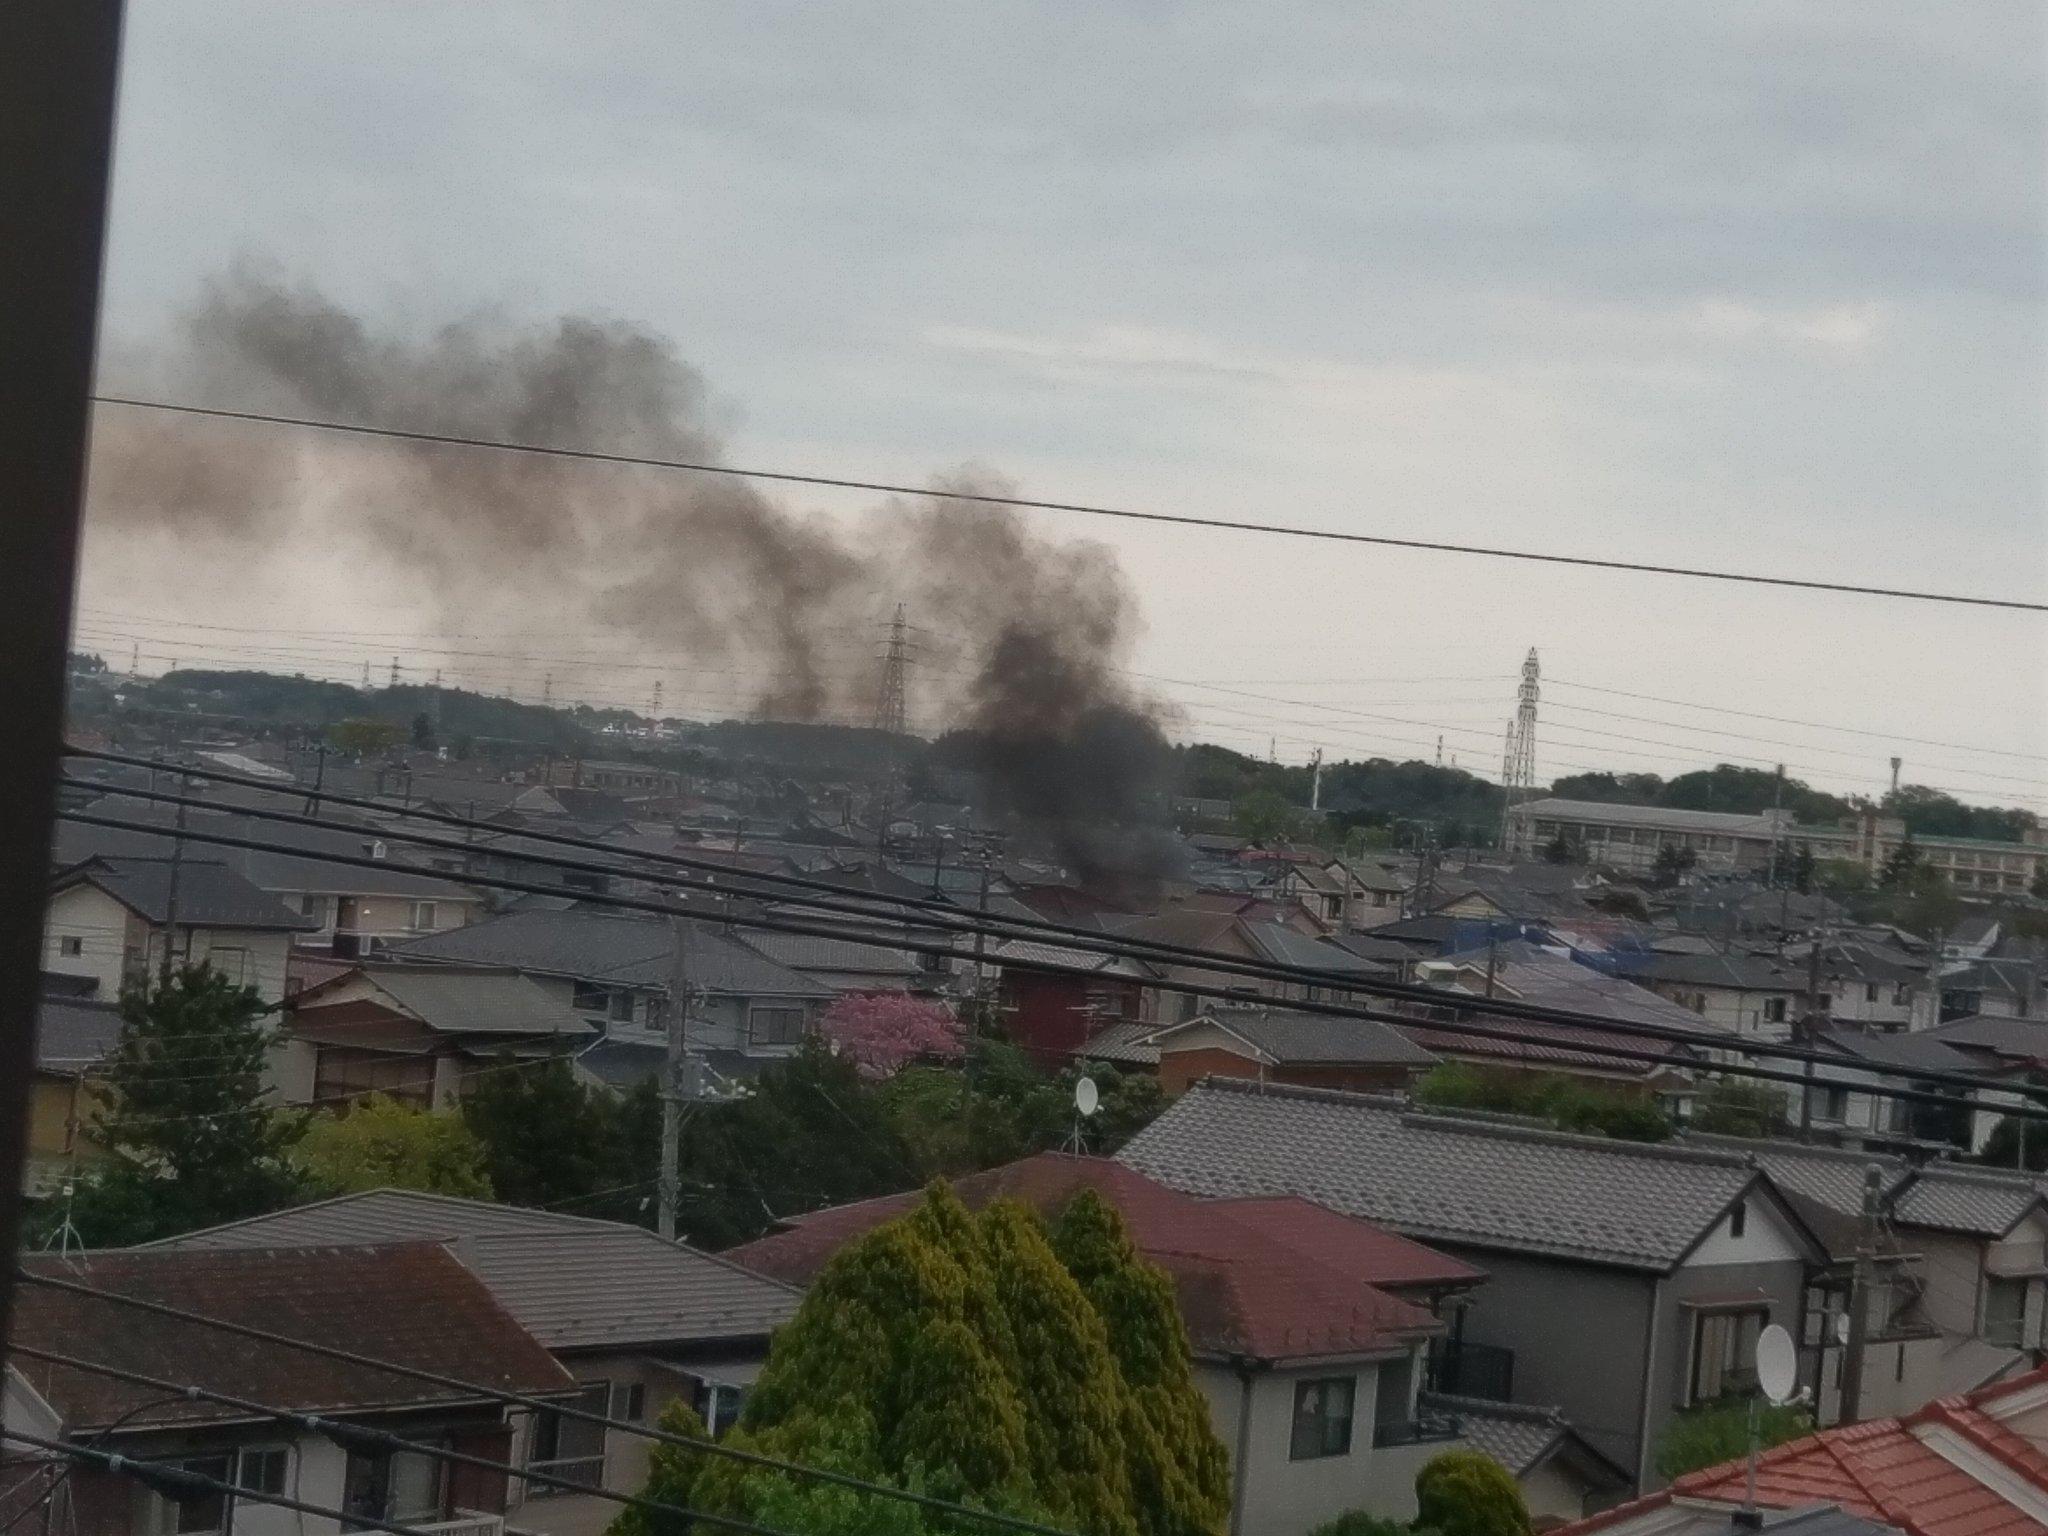 画像,これは火事だね https://t.co/h9hSNkQay2。